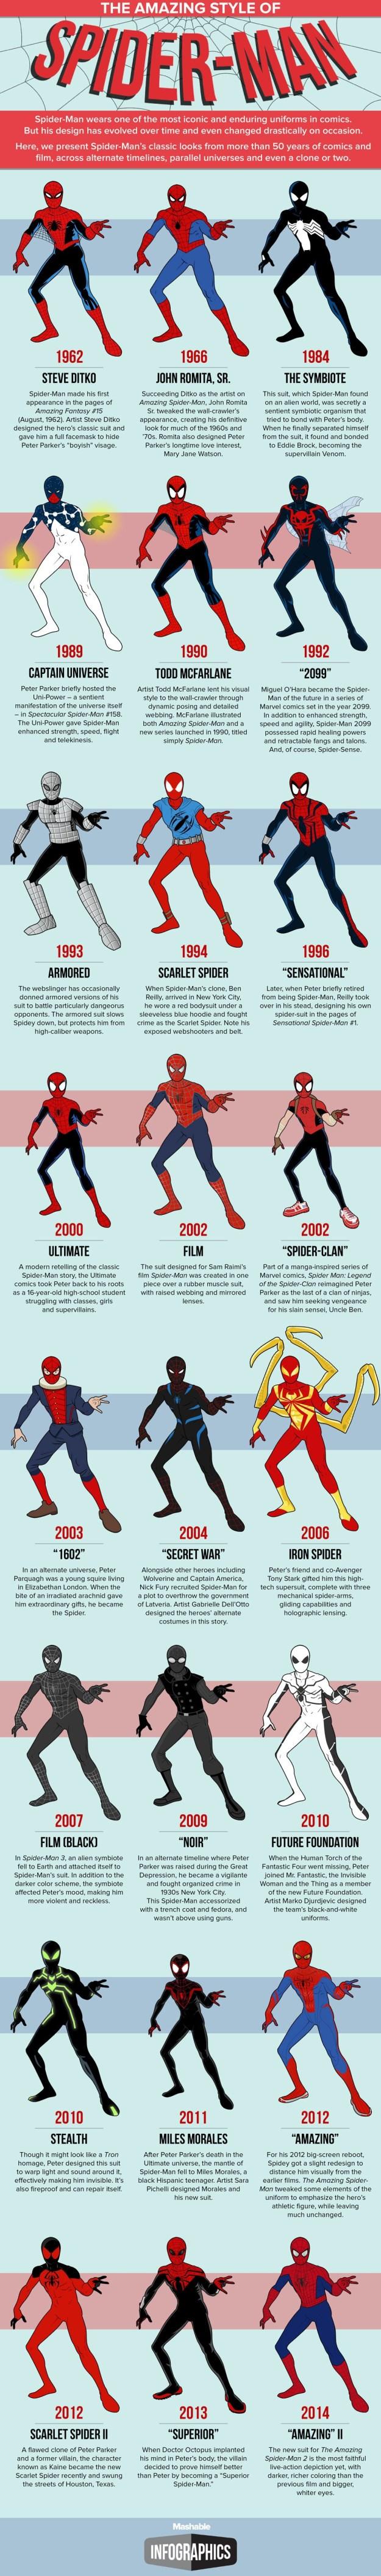 todos-los-disfraces-de-spiderman-full-unpocogeek.com